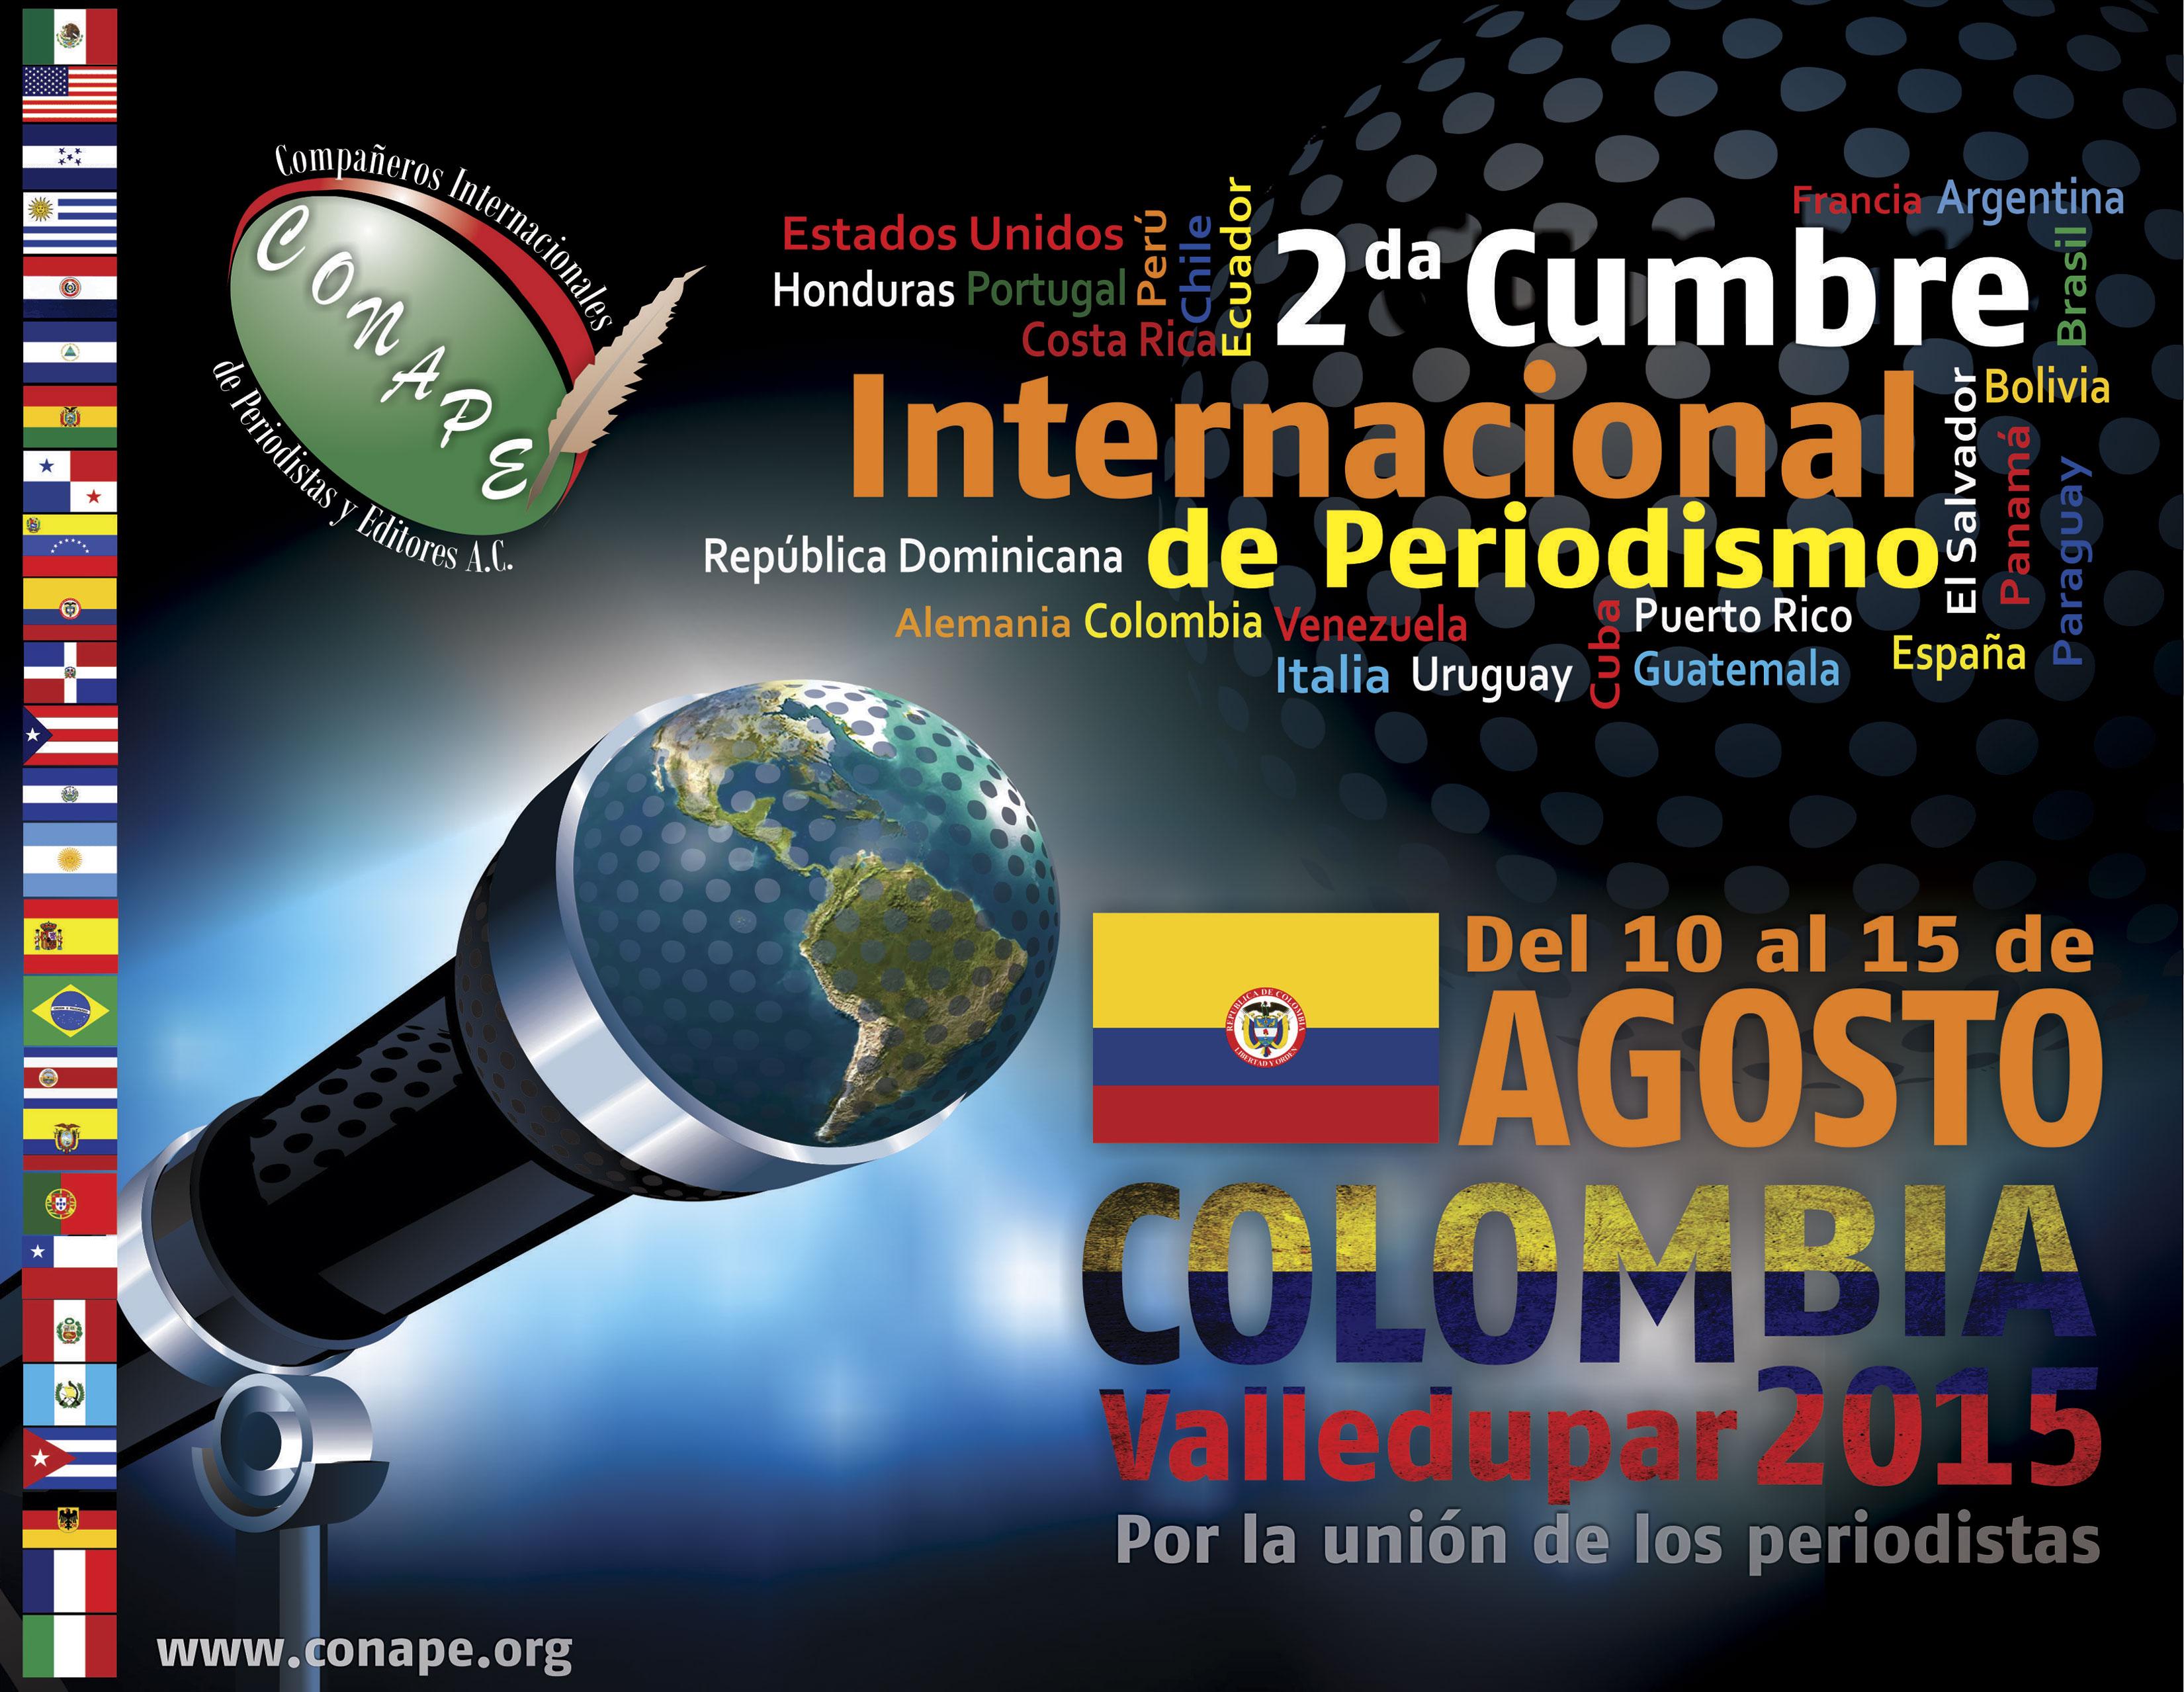 2da Cumbre Internacional de Periodismo